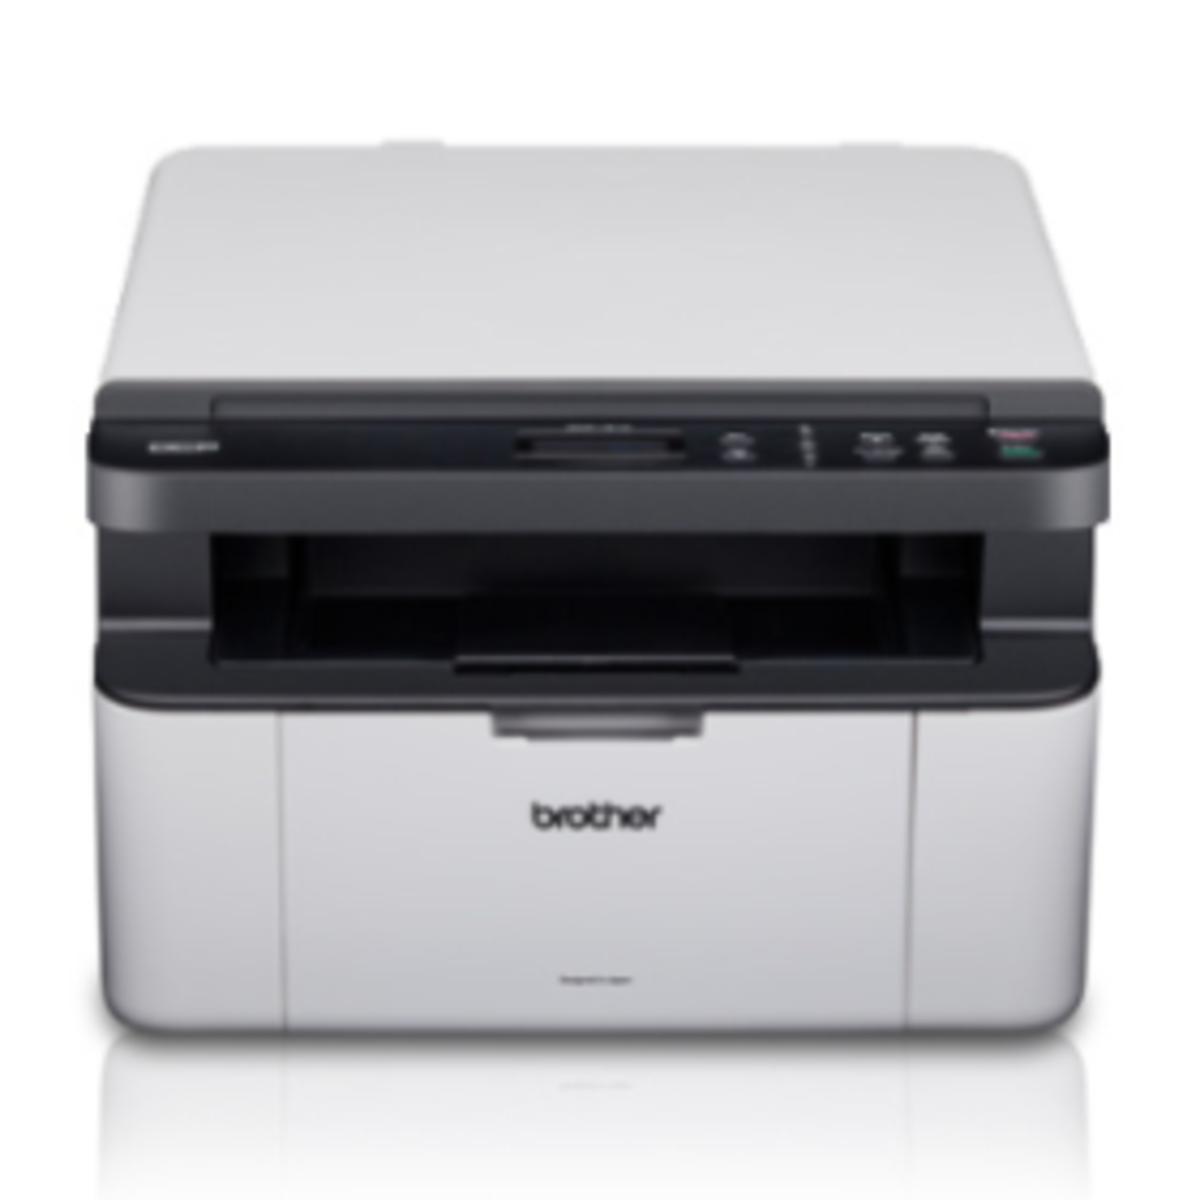 Brother MFC 1810 Laser Printer